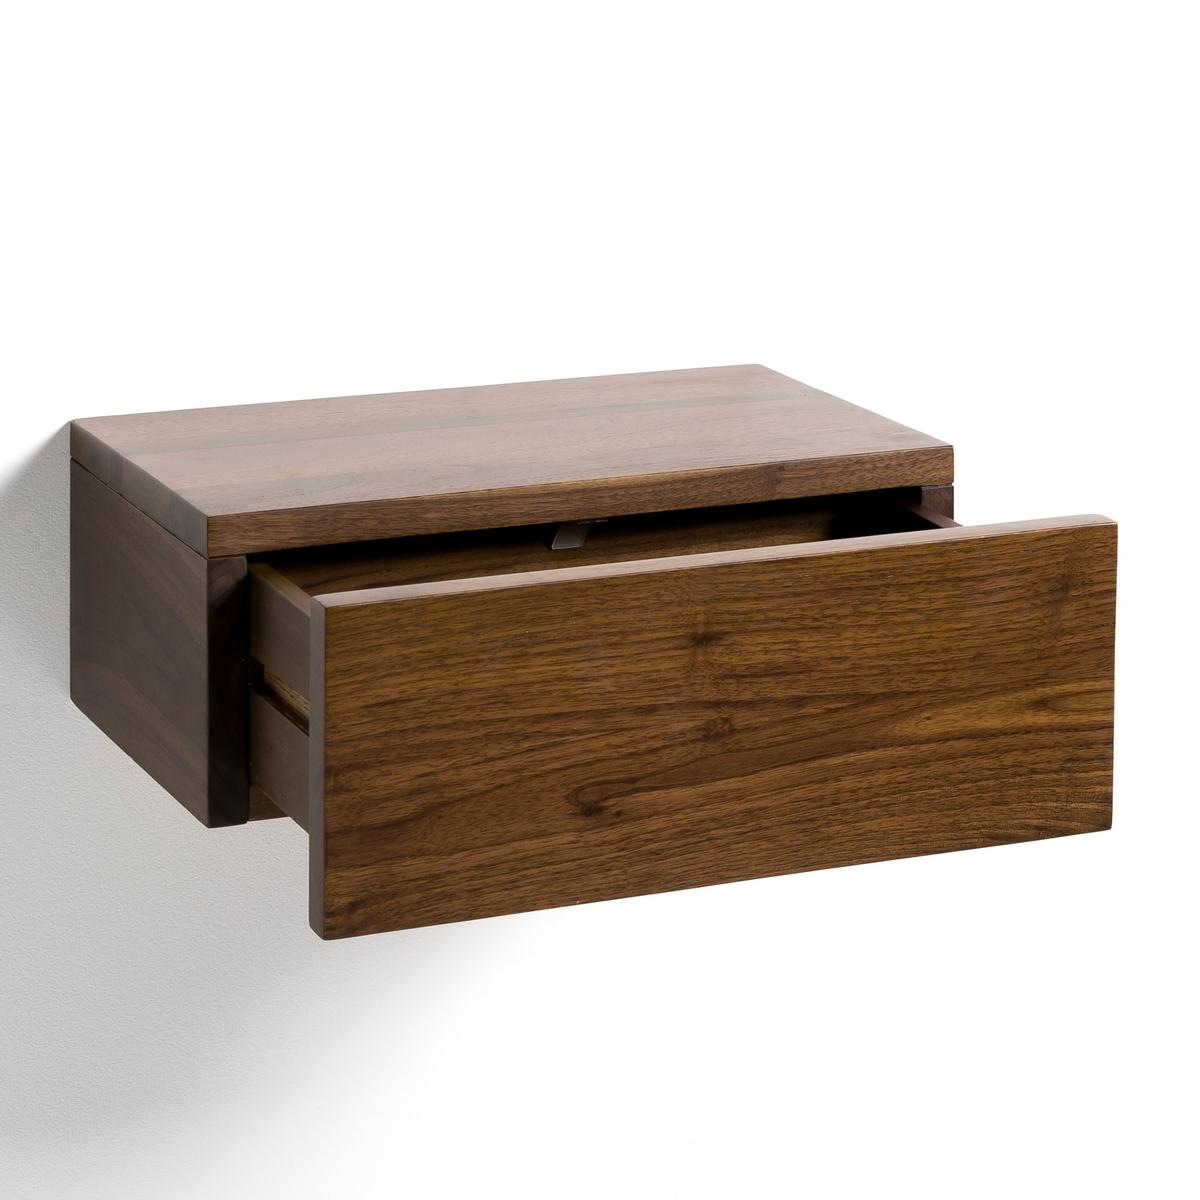 Тумба-ящик из массива орехового дерева, VesperТумба-ящик Vesper . Эту тумбу-ящик можно повесить на стену, одну или несколько, по желанию.Характеристики : - Из массива орехового дерева, покрытие полиуретановым лакомРазмеры : - Шир. 40 x Выс. 15 x Гл. 25 см.<br><br>Цвет: ореховый<br>Размер: единый размер